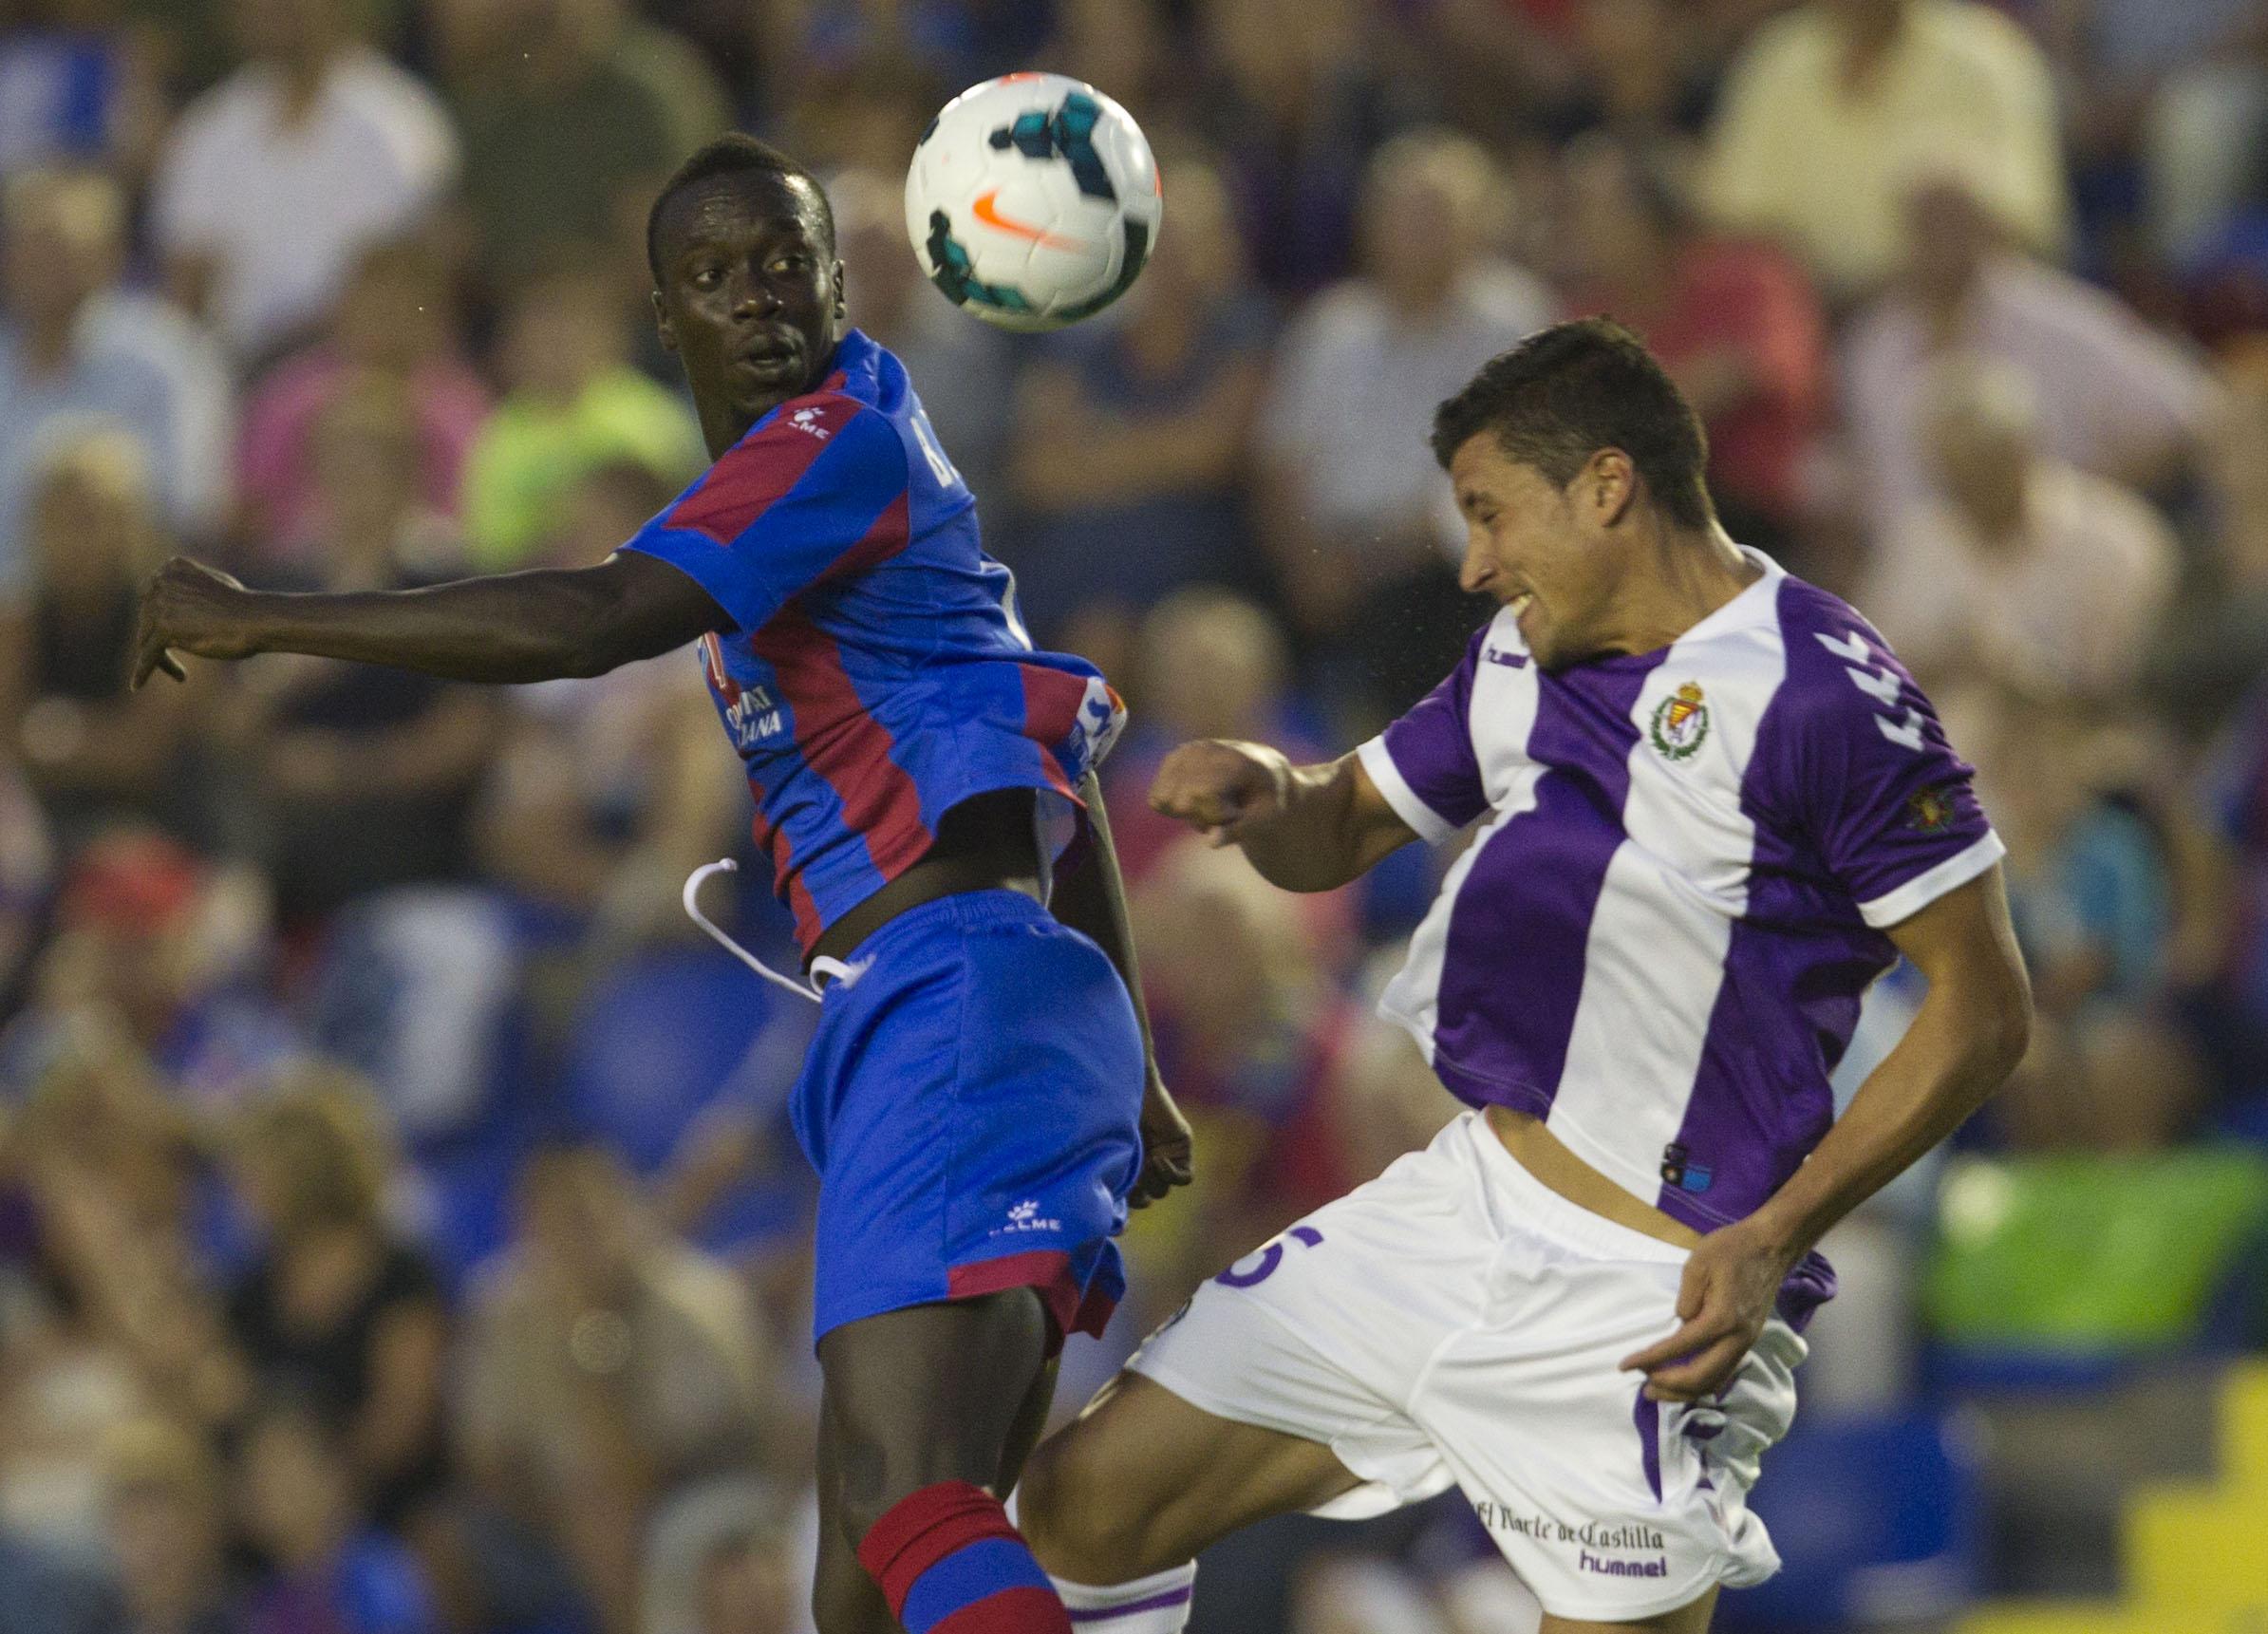 Las mejores imágenes del Levante-Valladolid